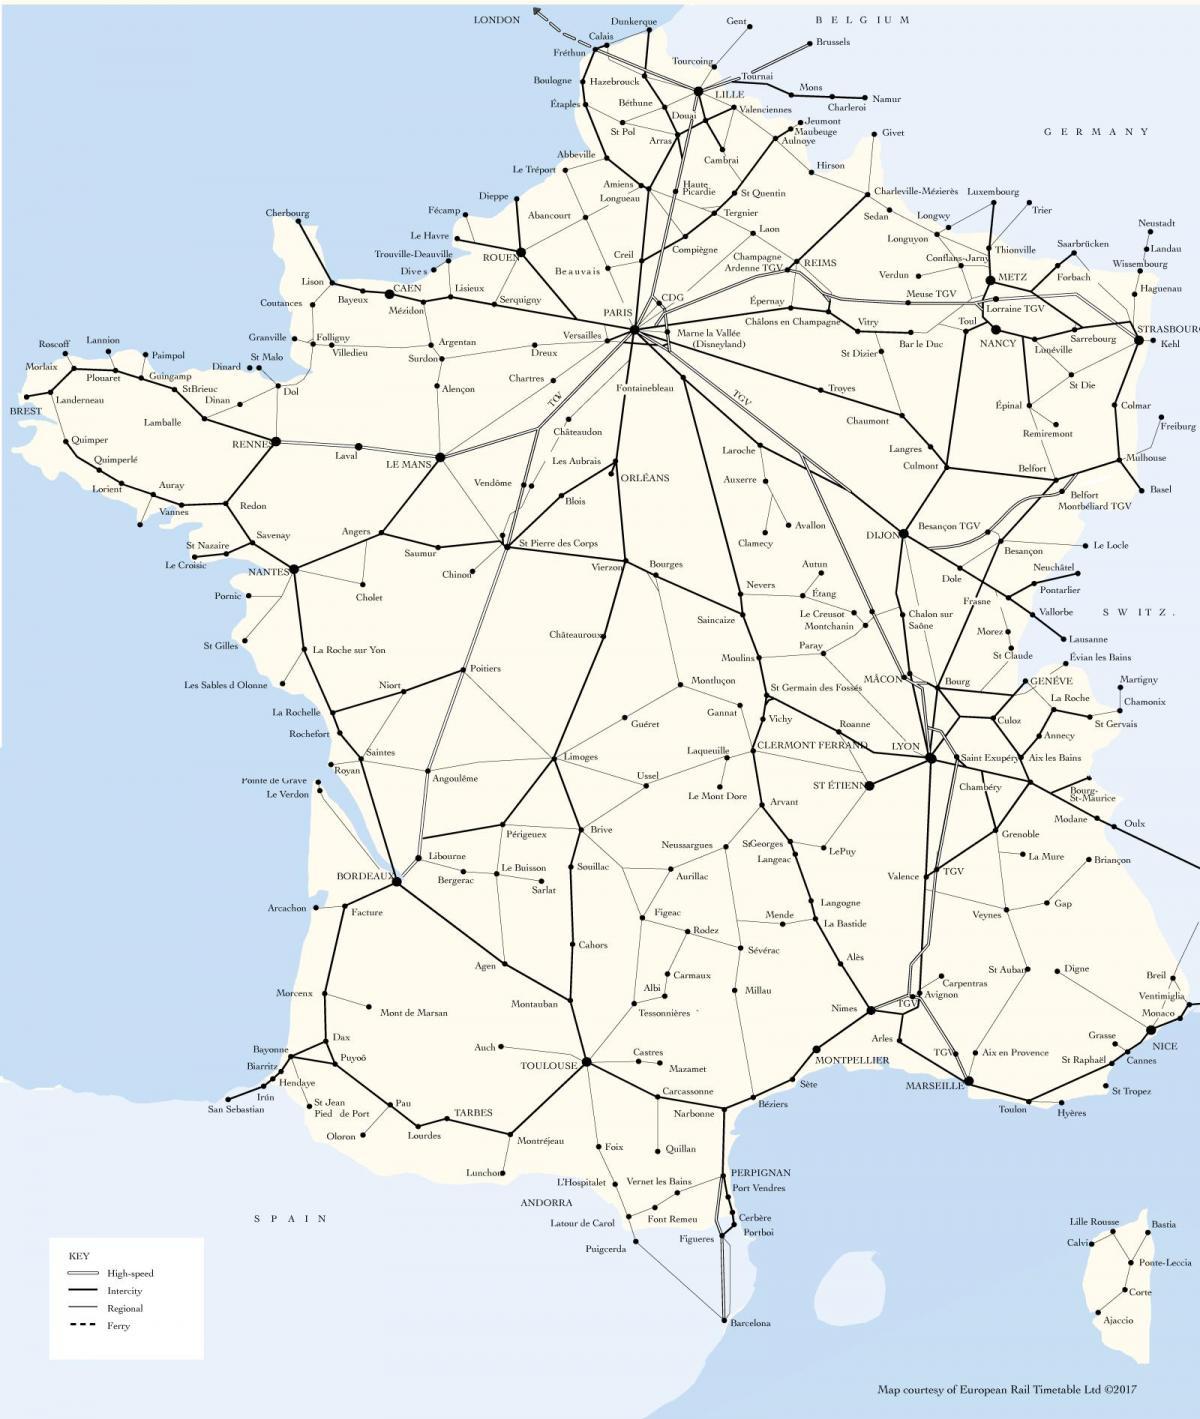 tog i europa kart Frankrike tog kart   Kart over tog linjer i Frankrike (Vest Europa  tog i europa kart